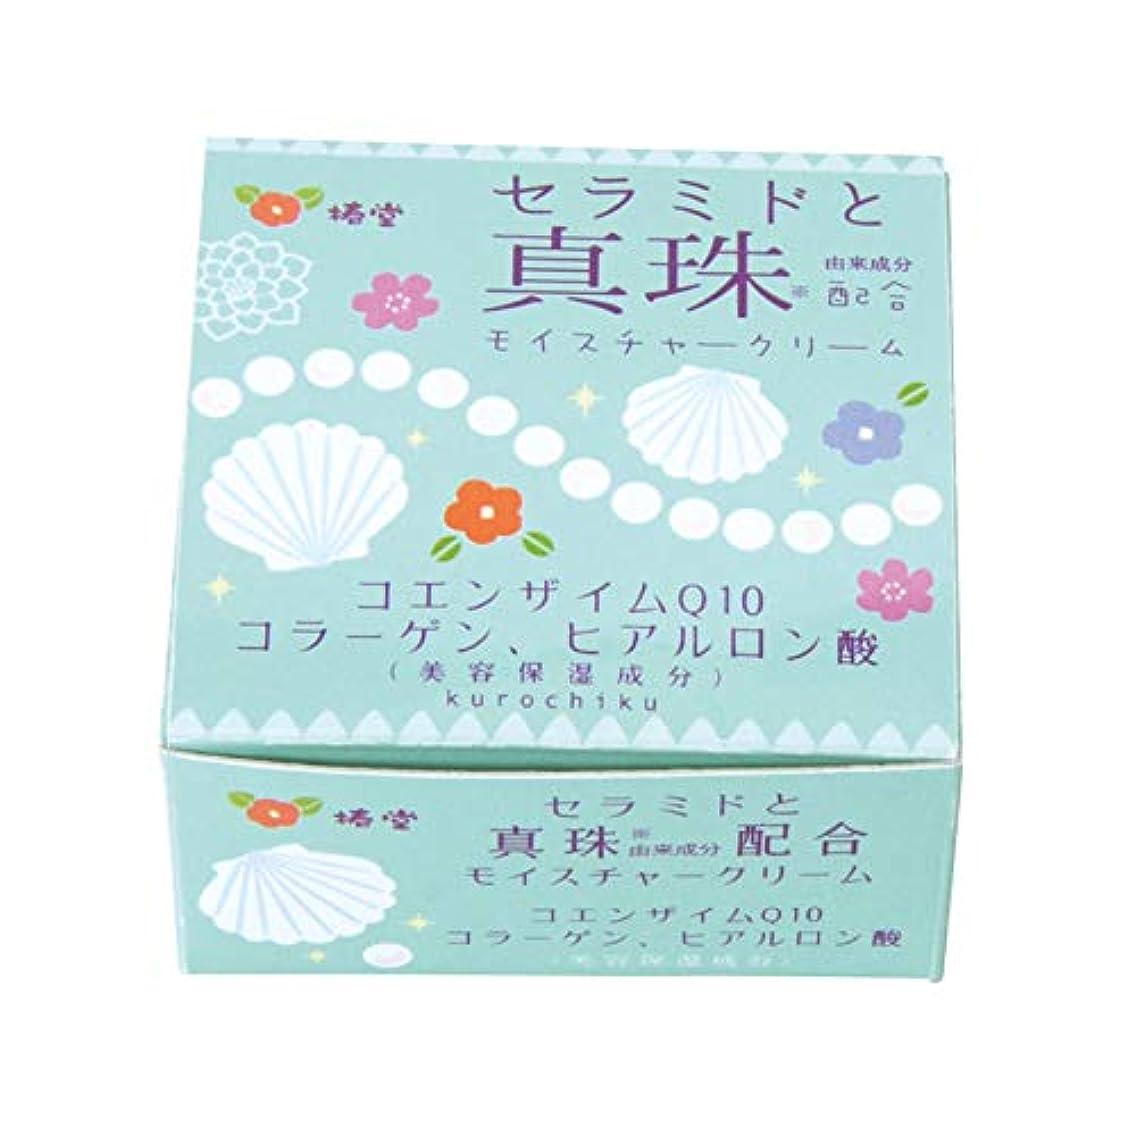 木曜日楽しむ空白椿堂 真珠モイスチャークリーム (セラミドと真珠) 京都くろちく